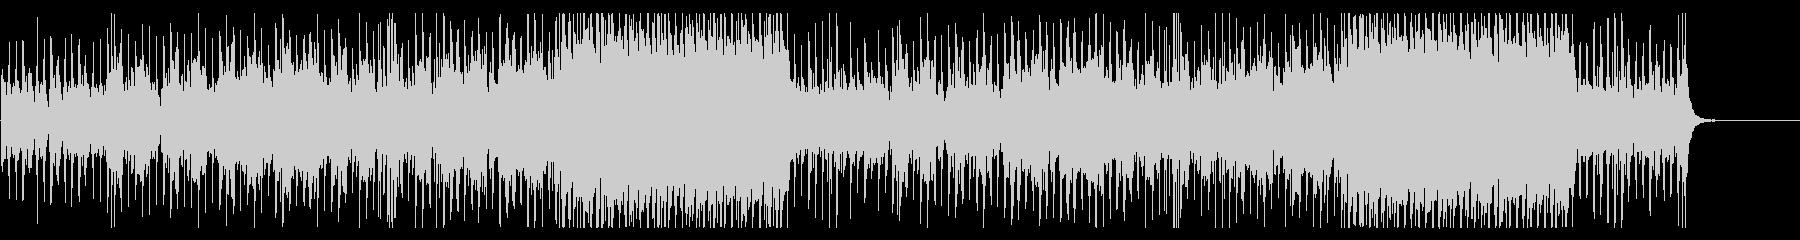 太鼓とシンセを使った和風戦闘系BGMの未再生の波形